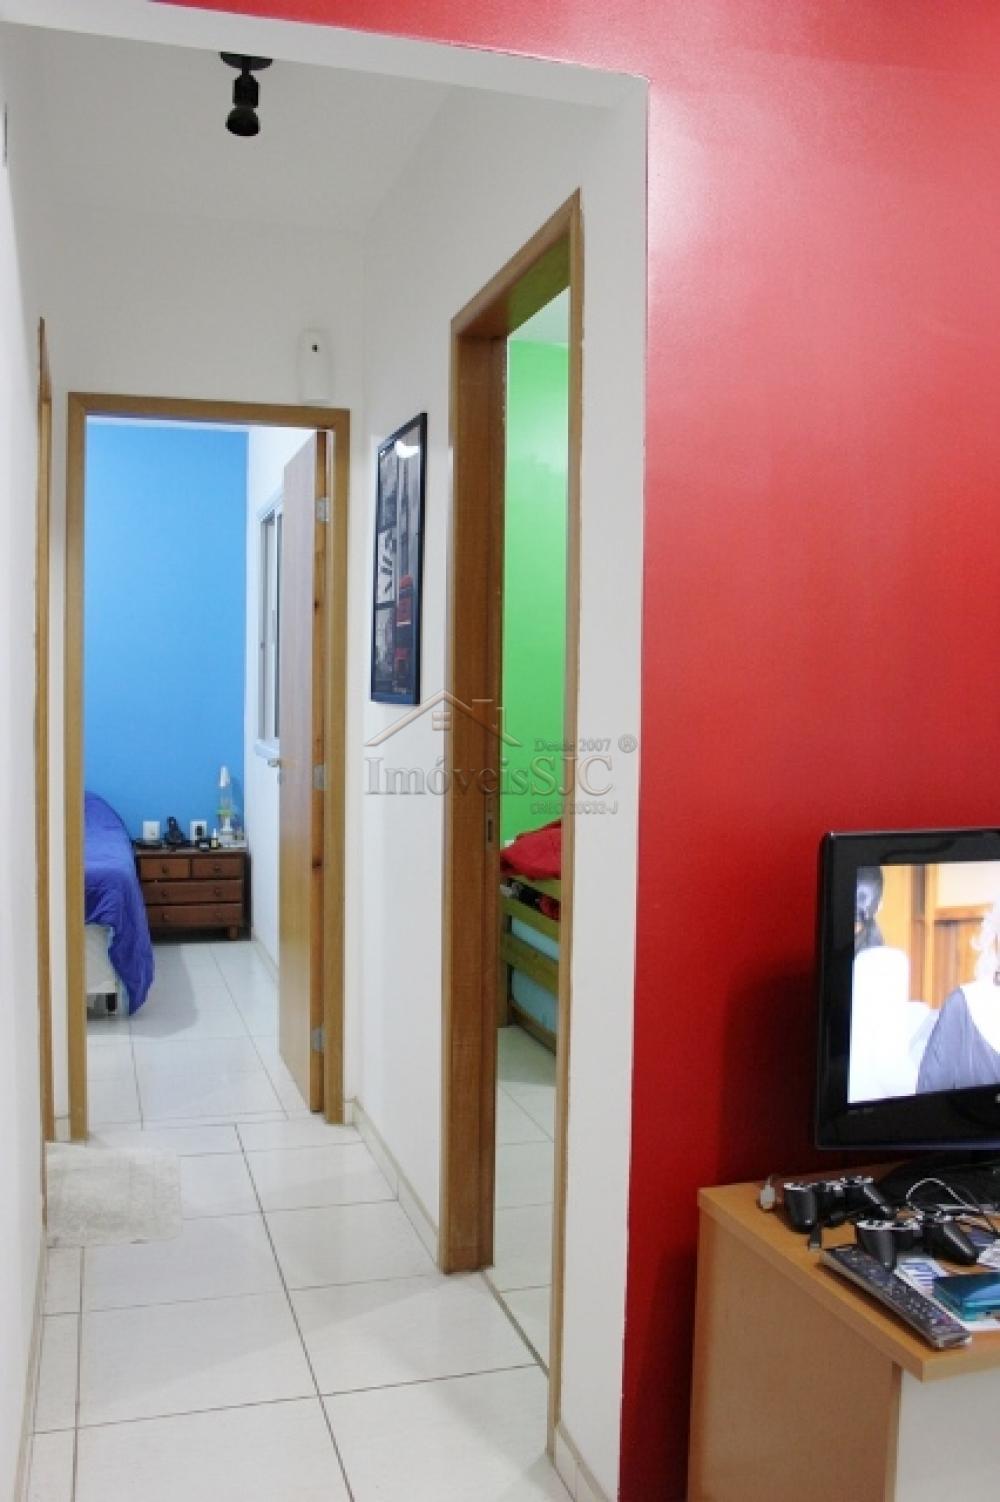 Comprar Apartamentos / Padrão em São José dos Campos apenas R$ 200.000,00 - Foto 5